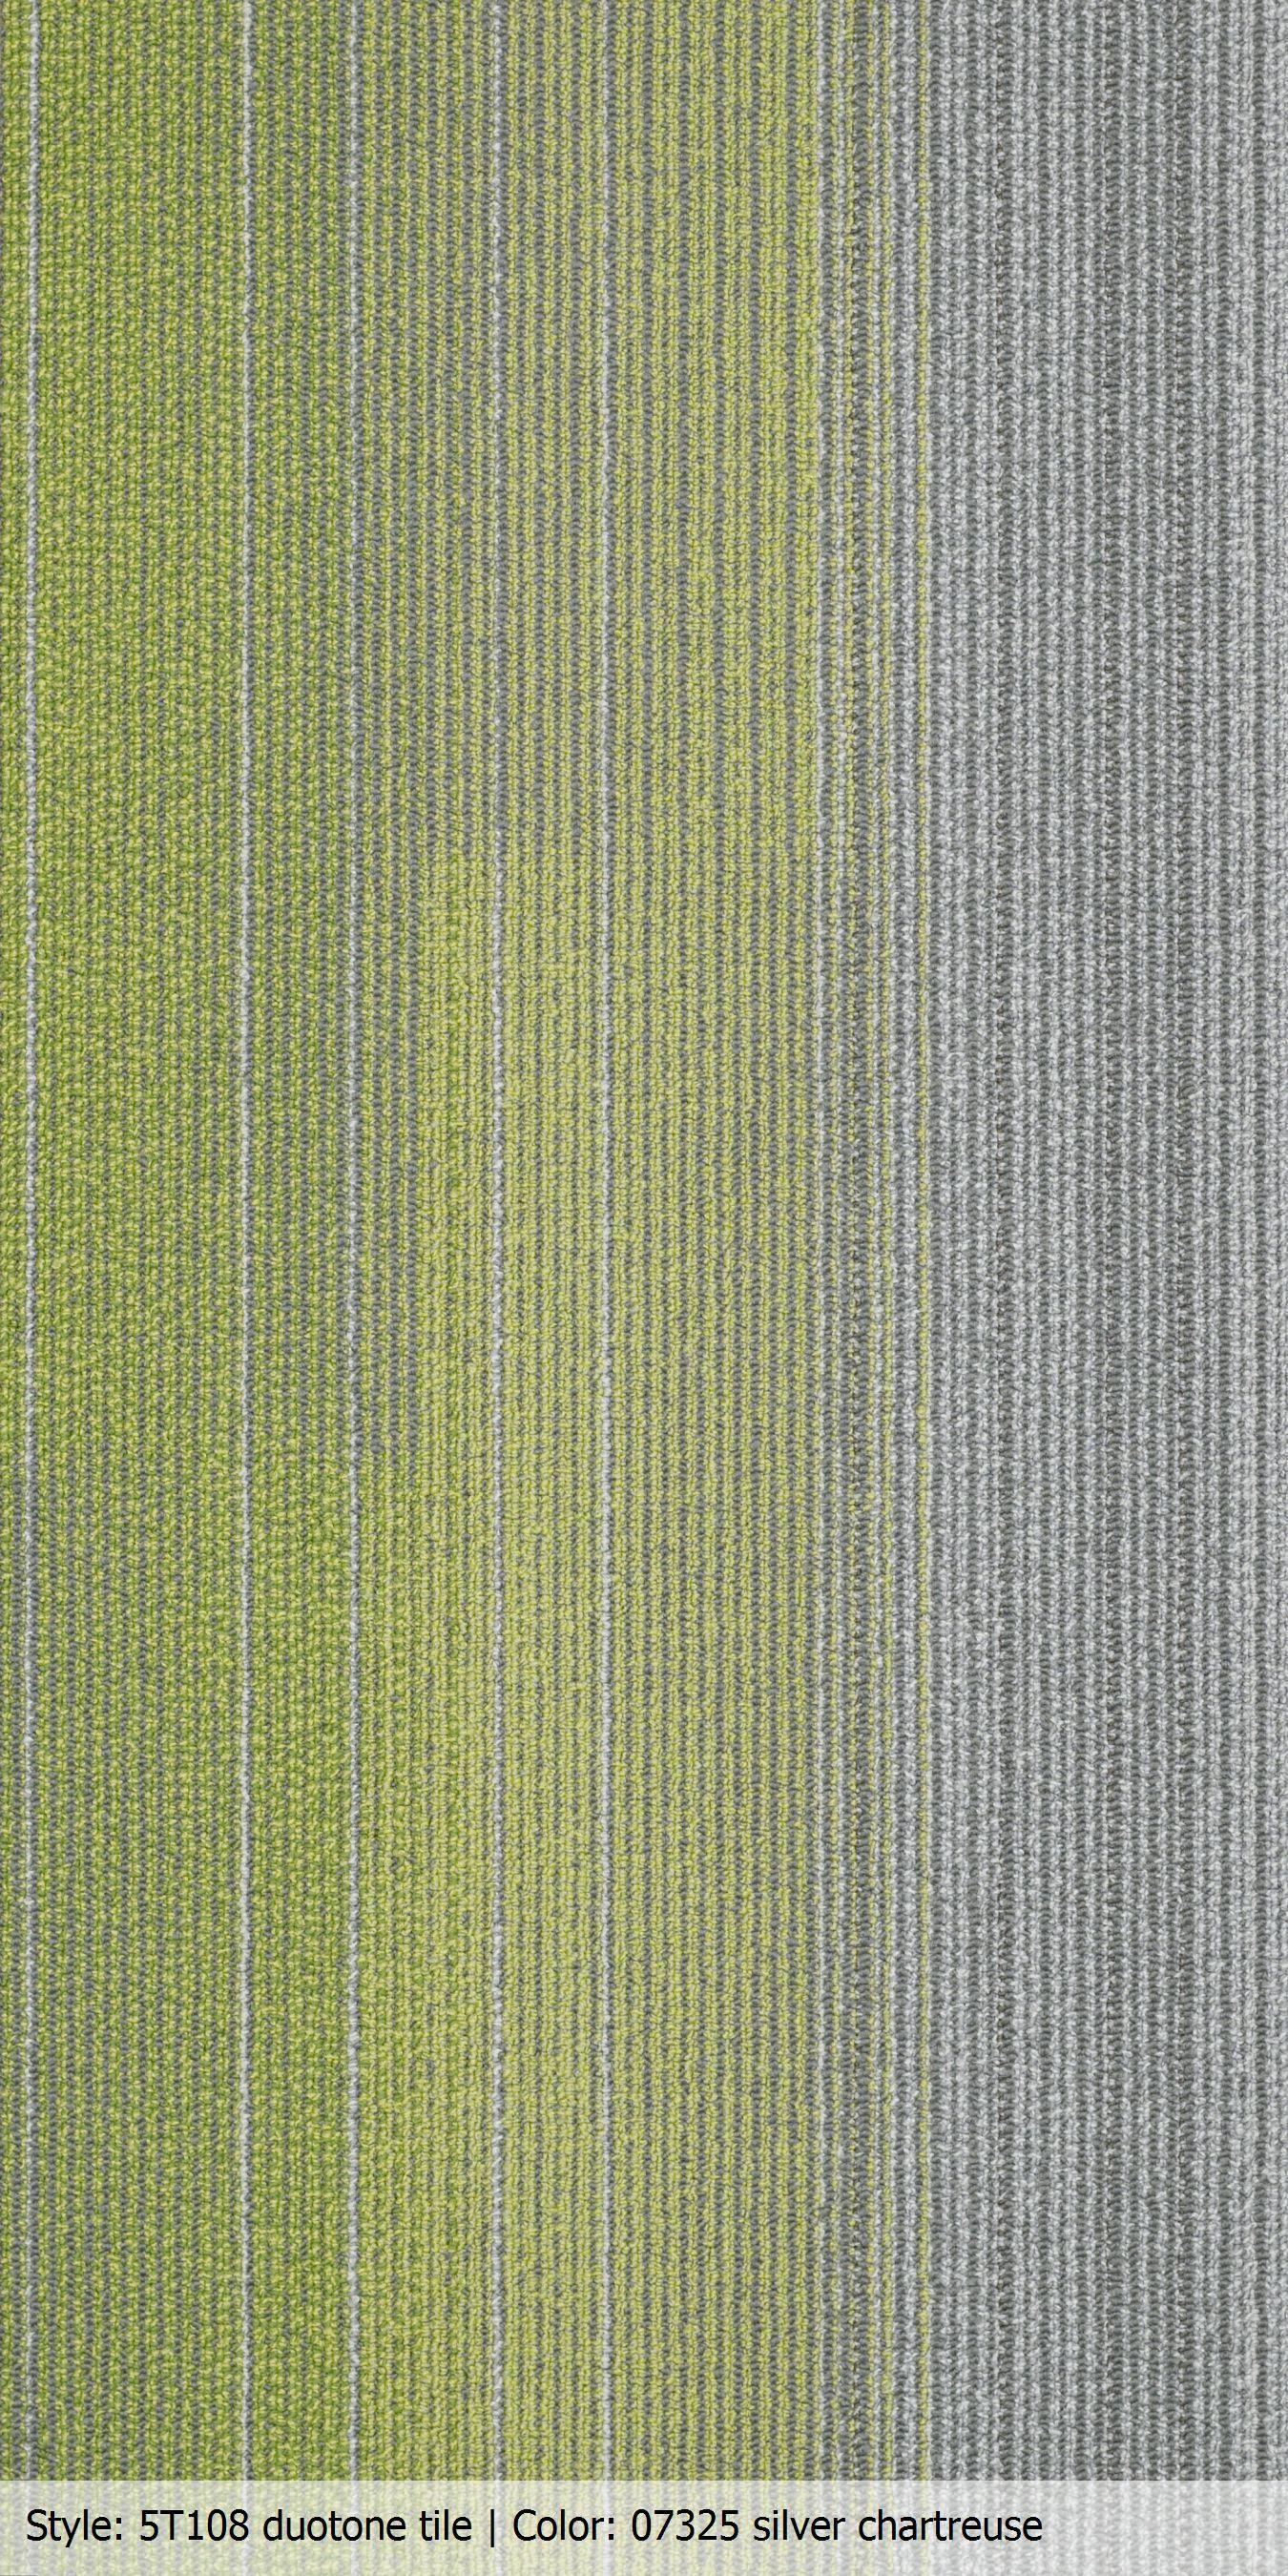 Carpet Tile 18x36 Duotone Color Silver Chartreuse Http